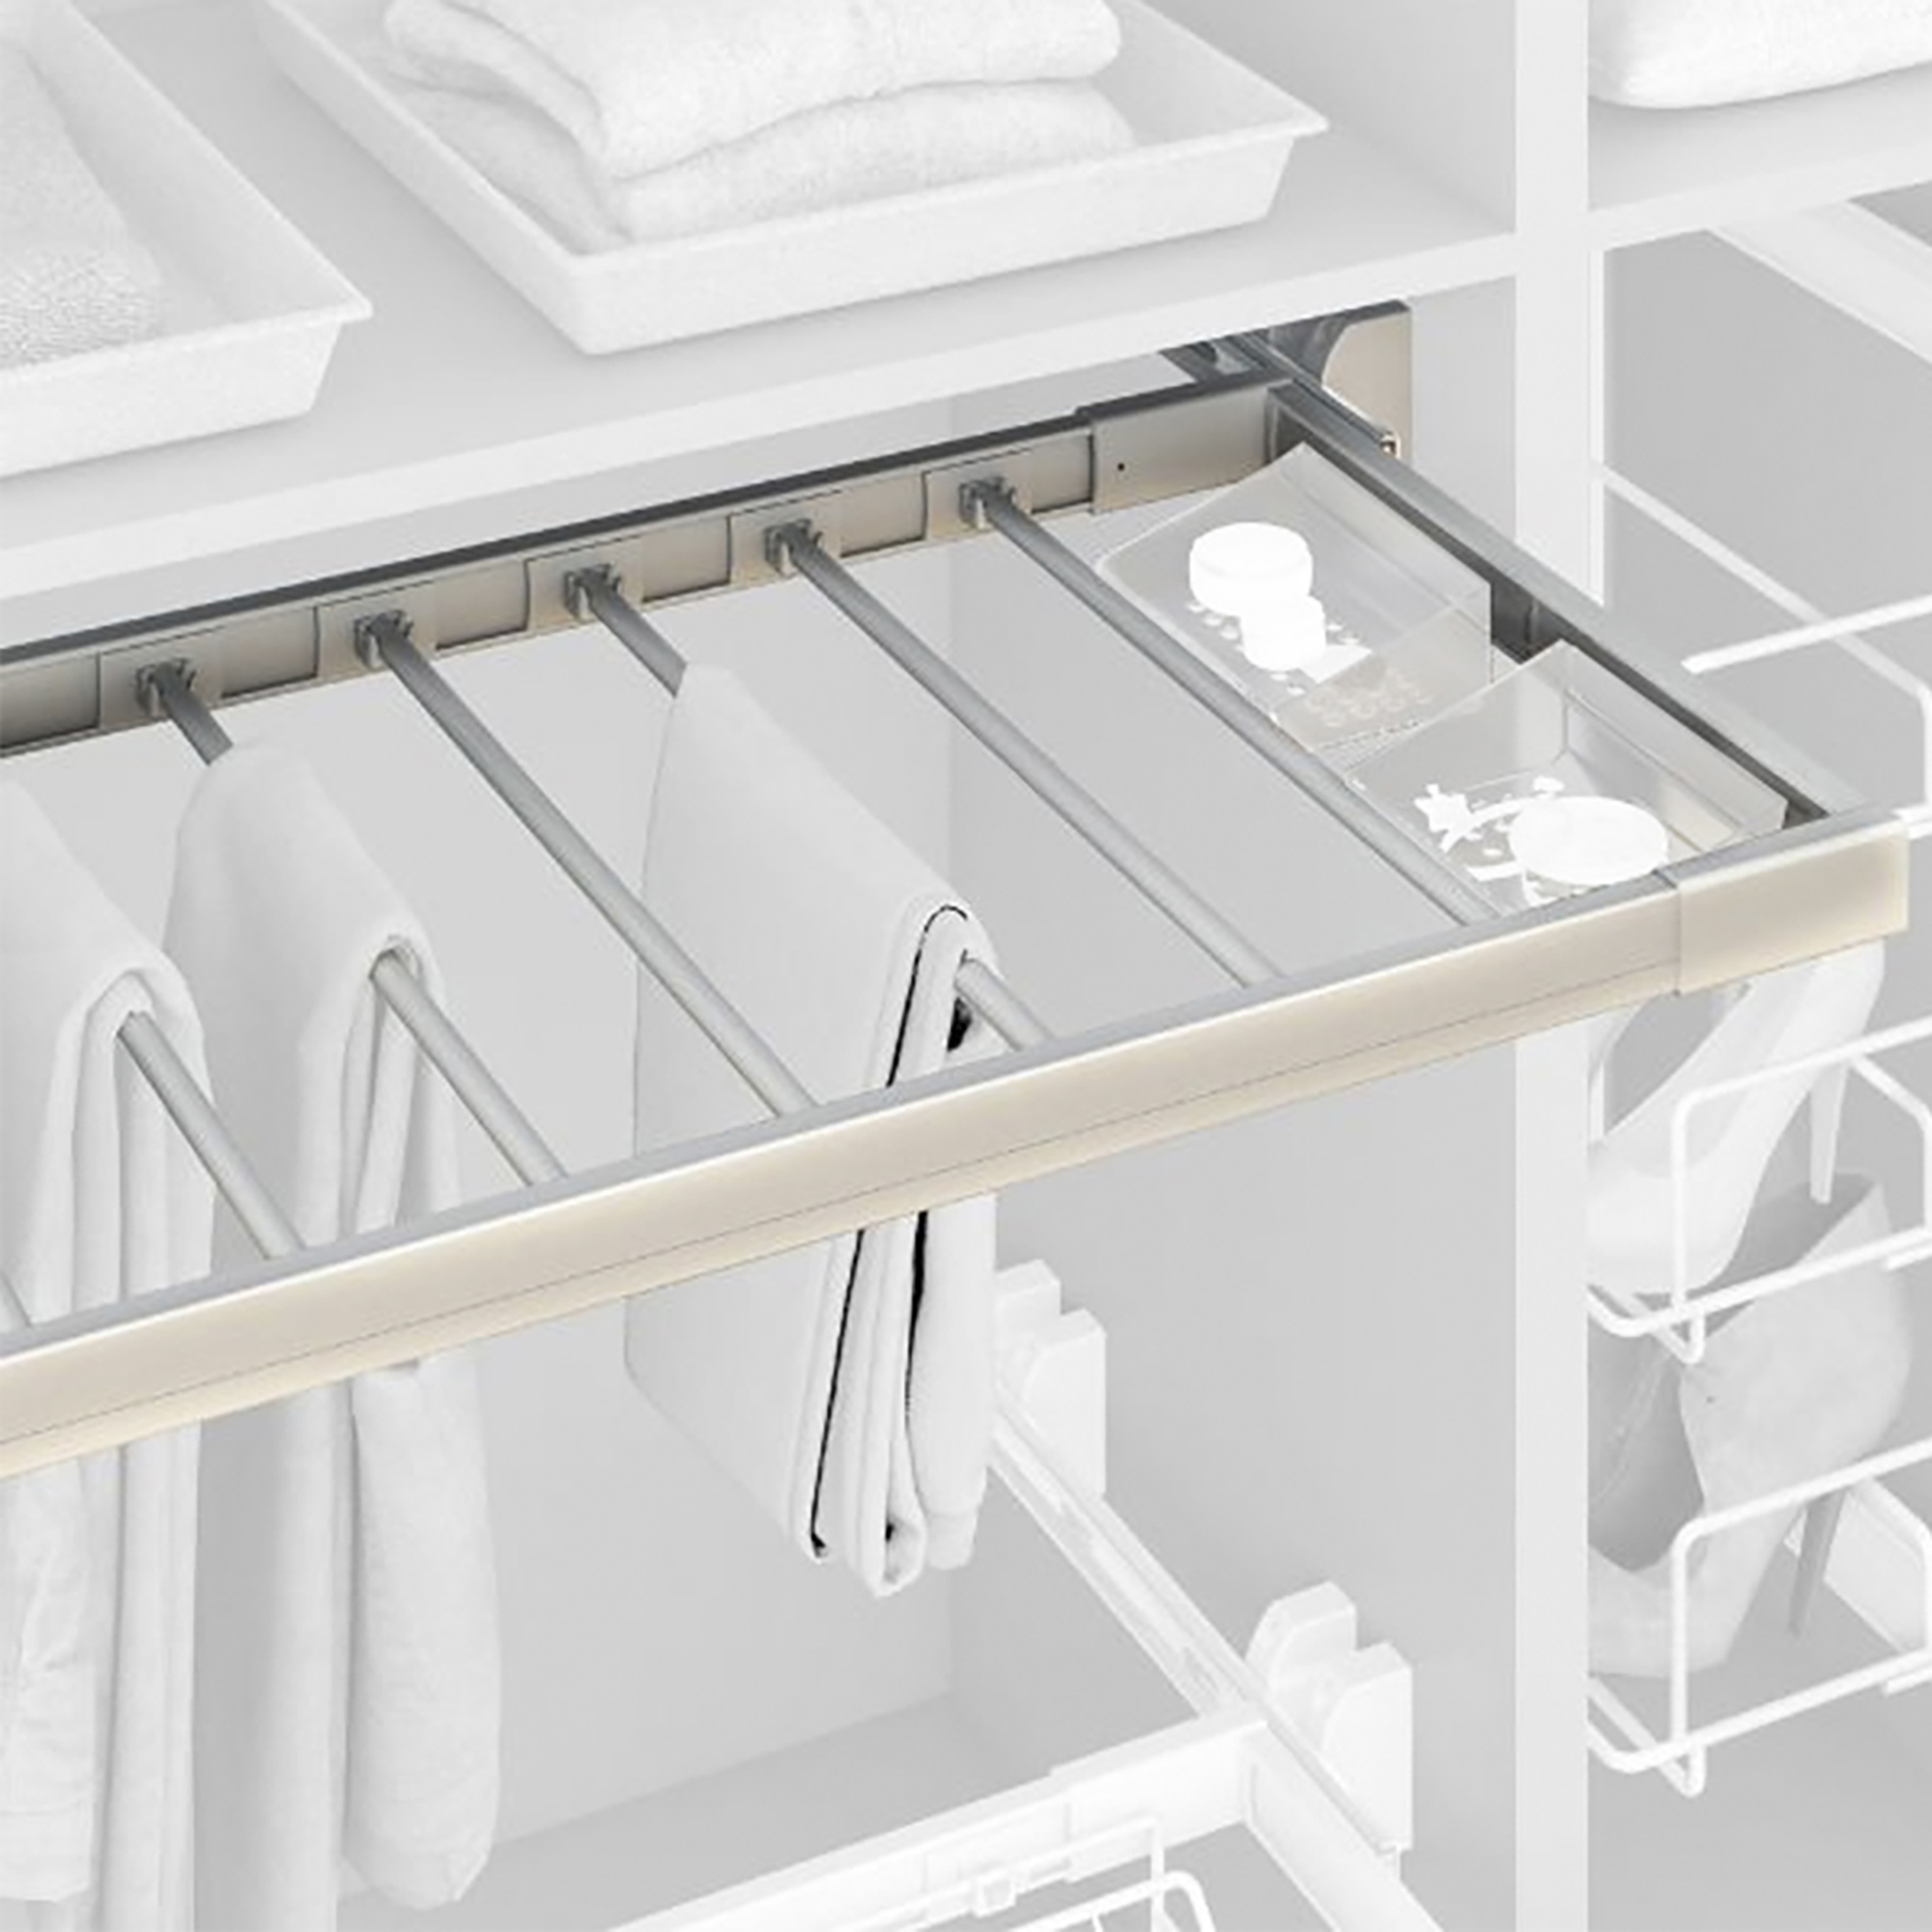 Emuca Porta Pantaloni estraibile, regolabile, modulo di 600 mm, 7 grucce, Alluminio e Acciaio, Anodizzato opaco